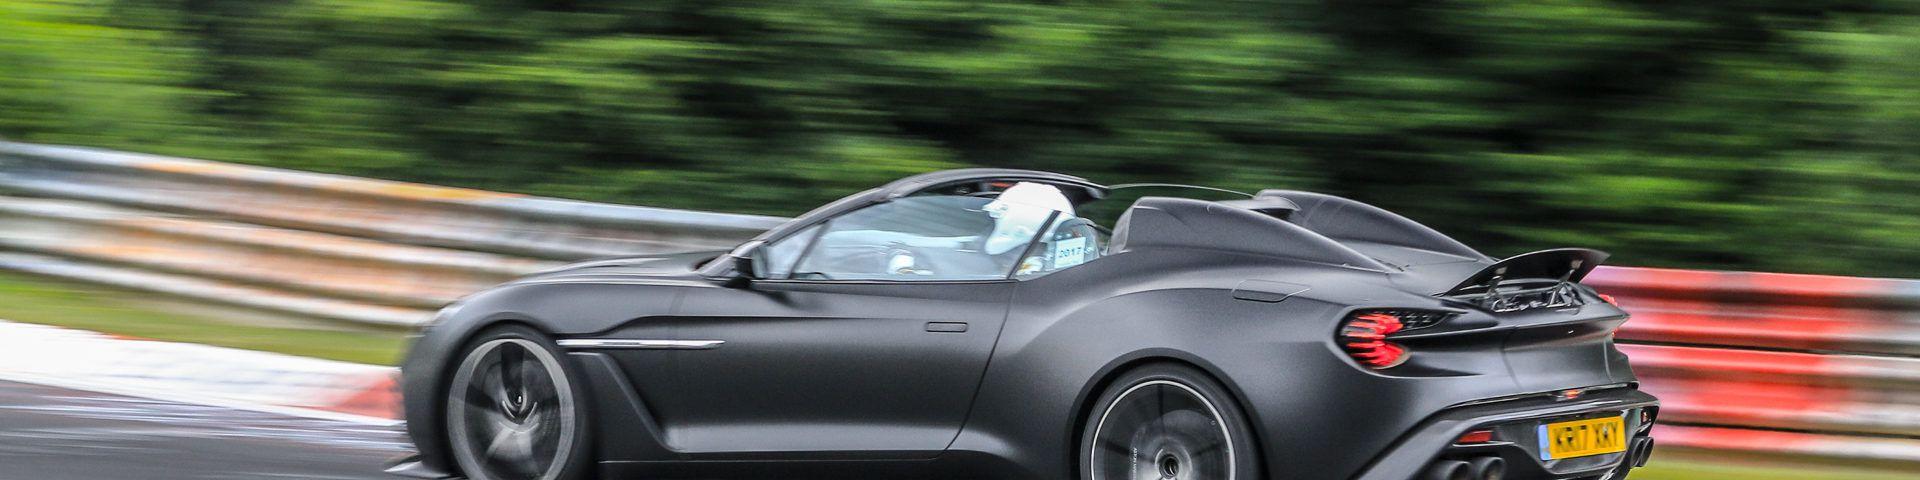 1 3million Aston Martin Vanquish Zagato Speedster Hits The